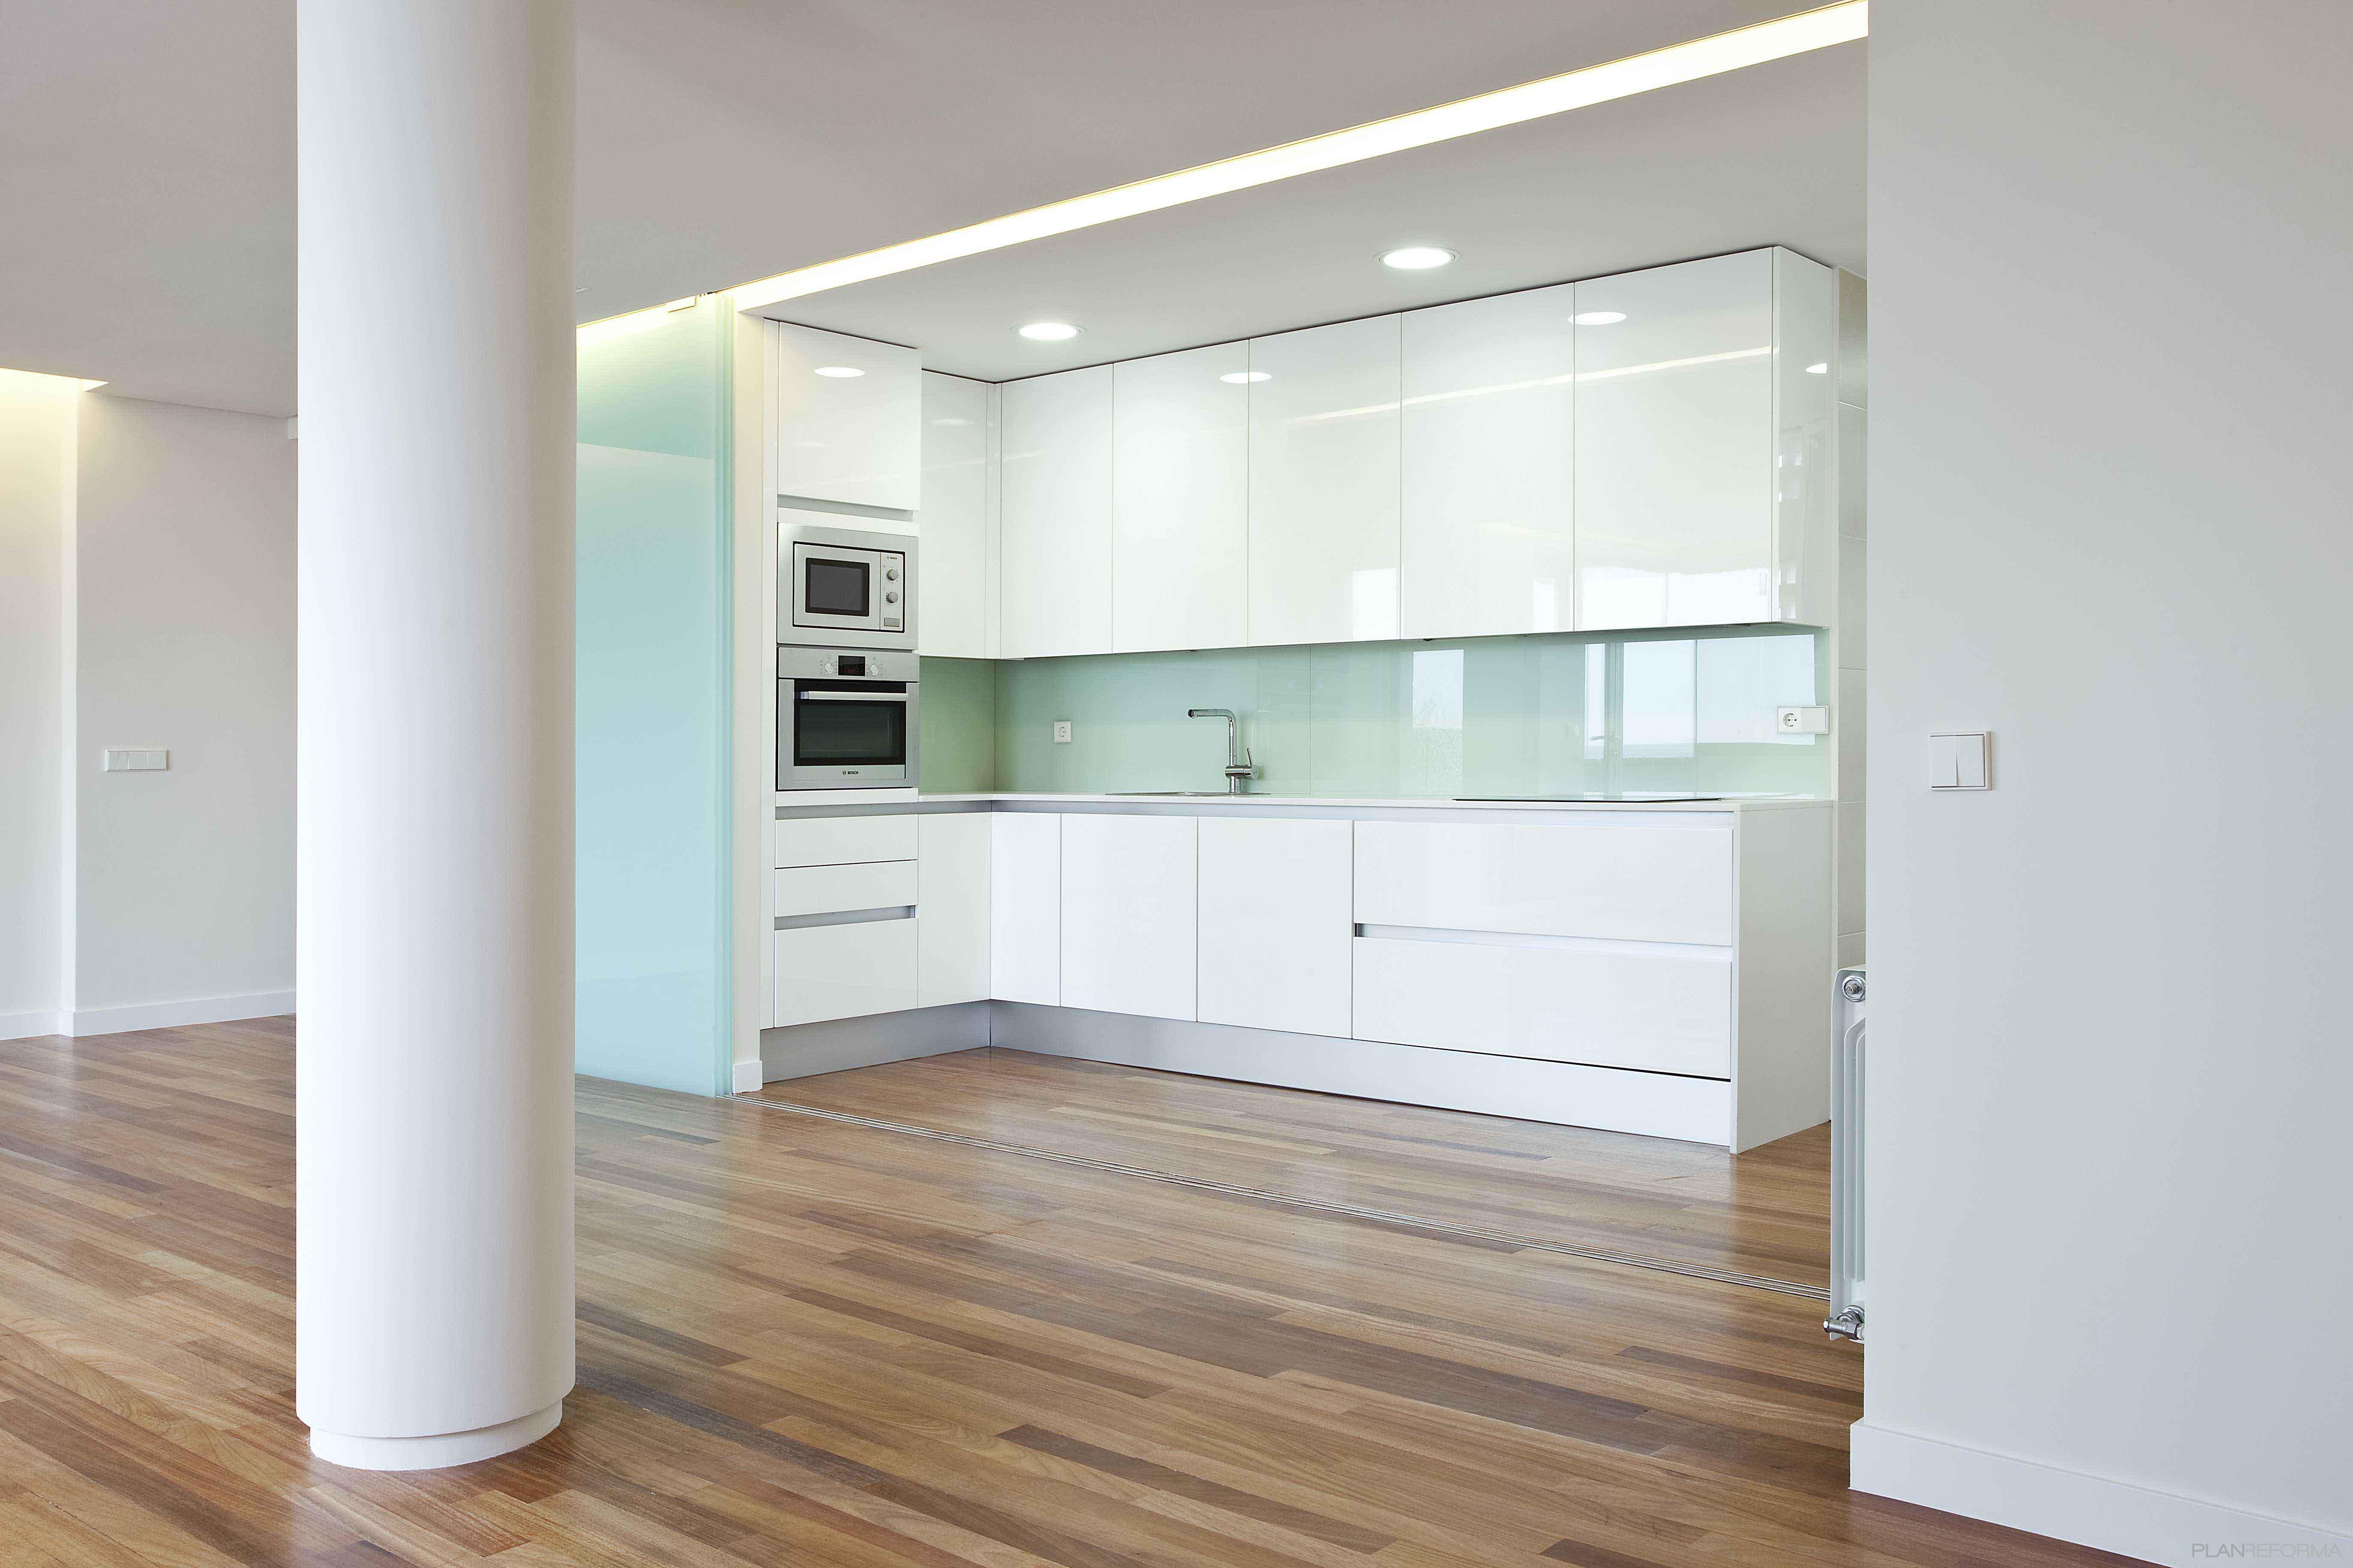 Comedor sala de la tv cocina style vanguardista color - Television en la cocina ...